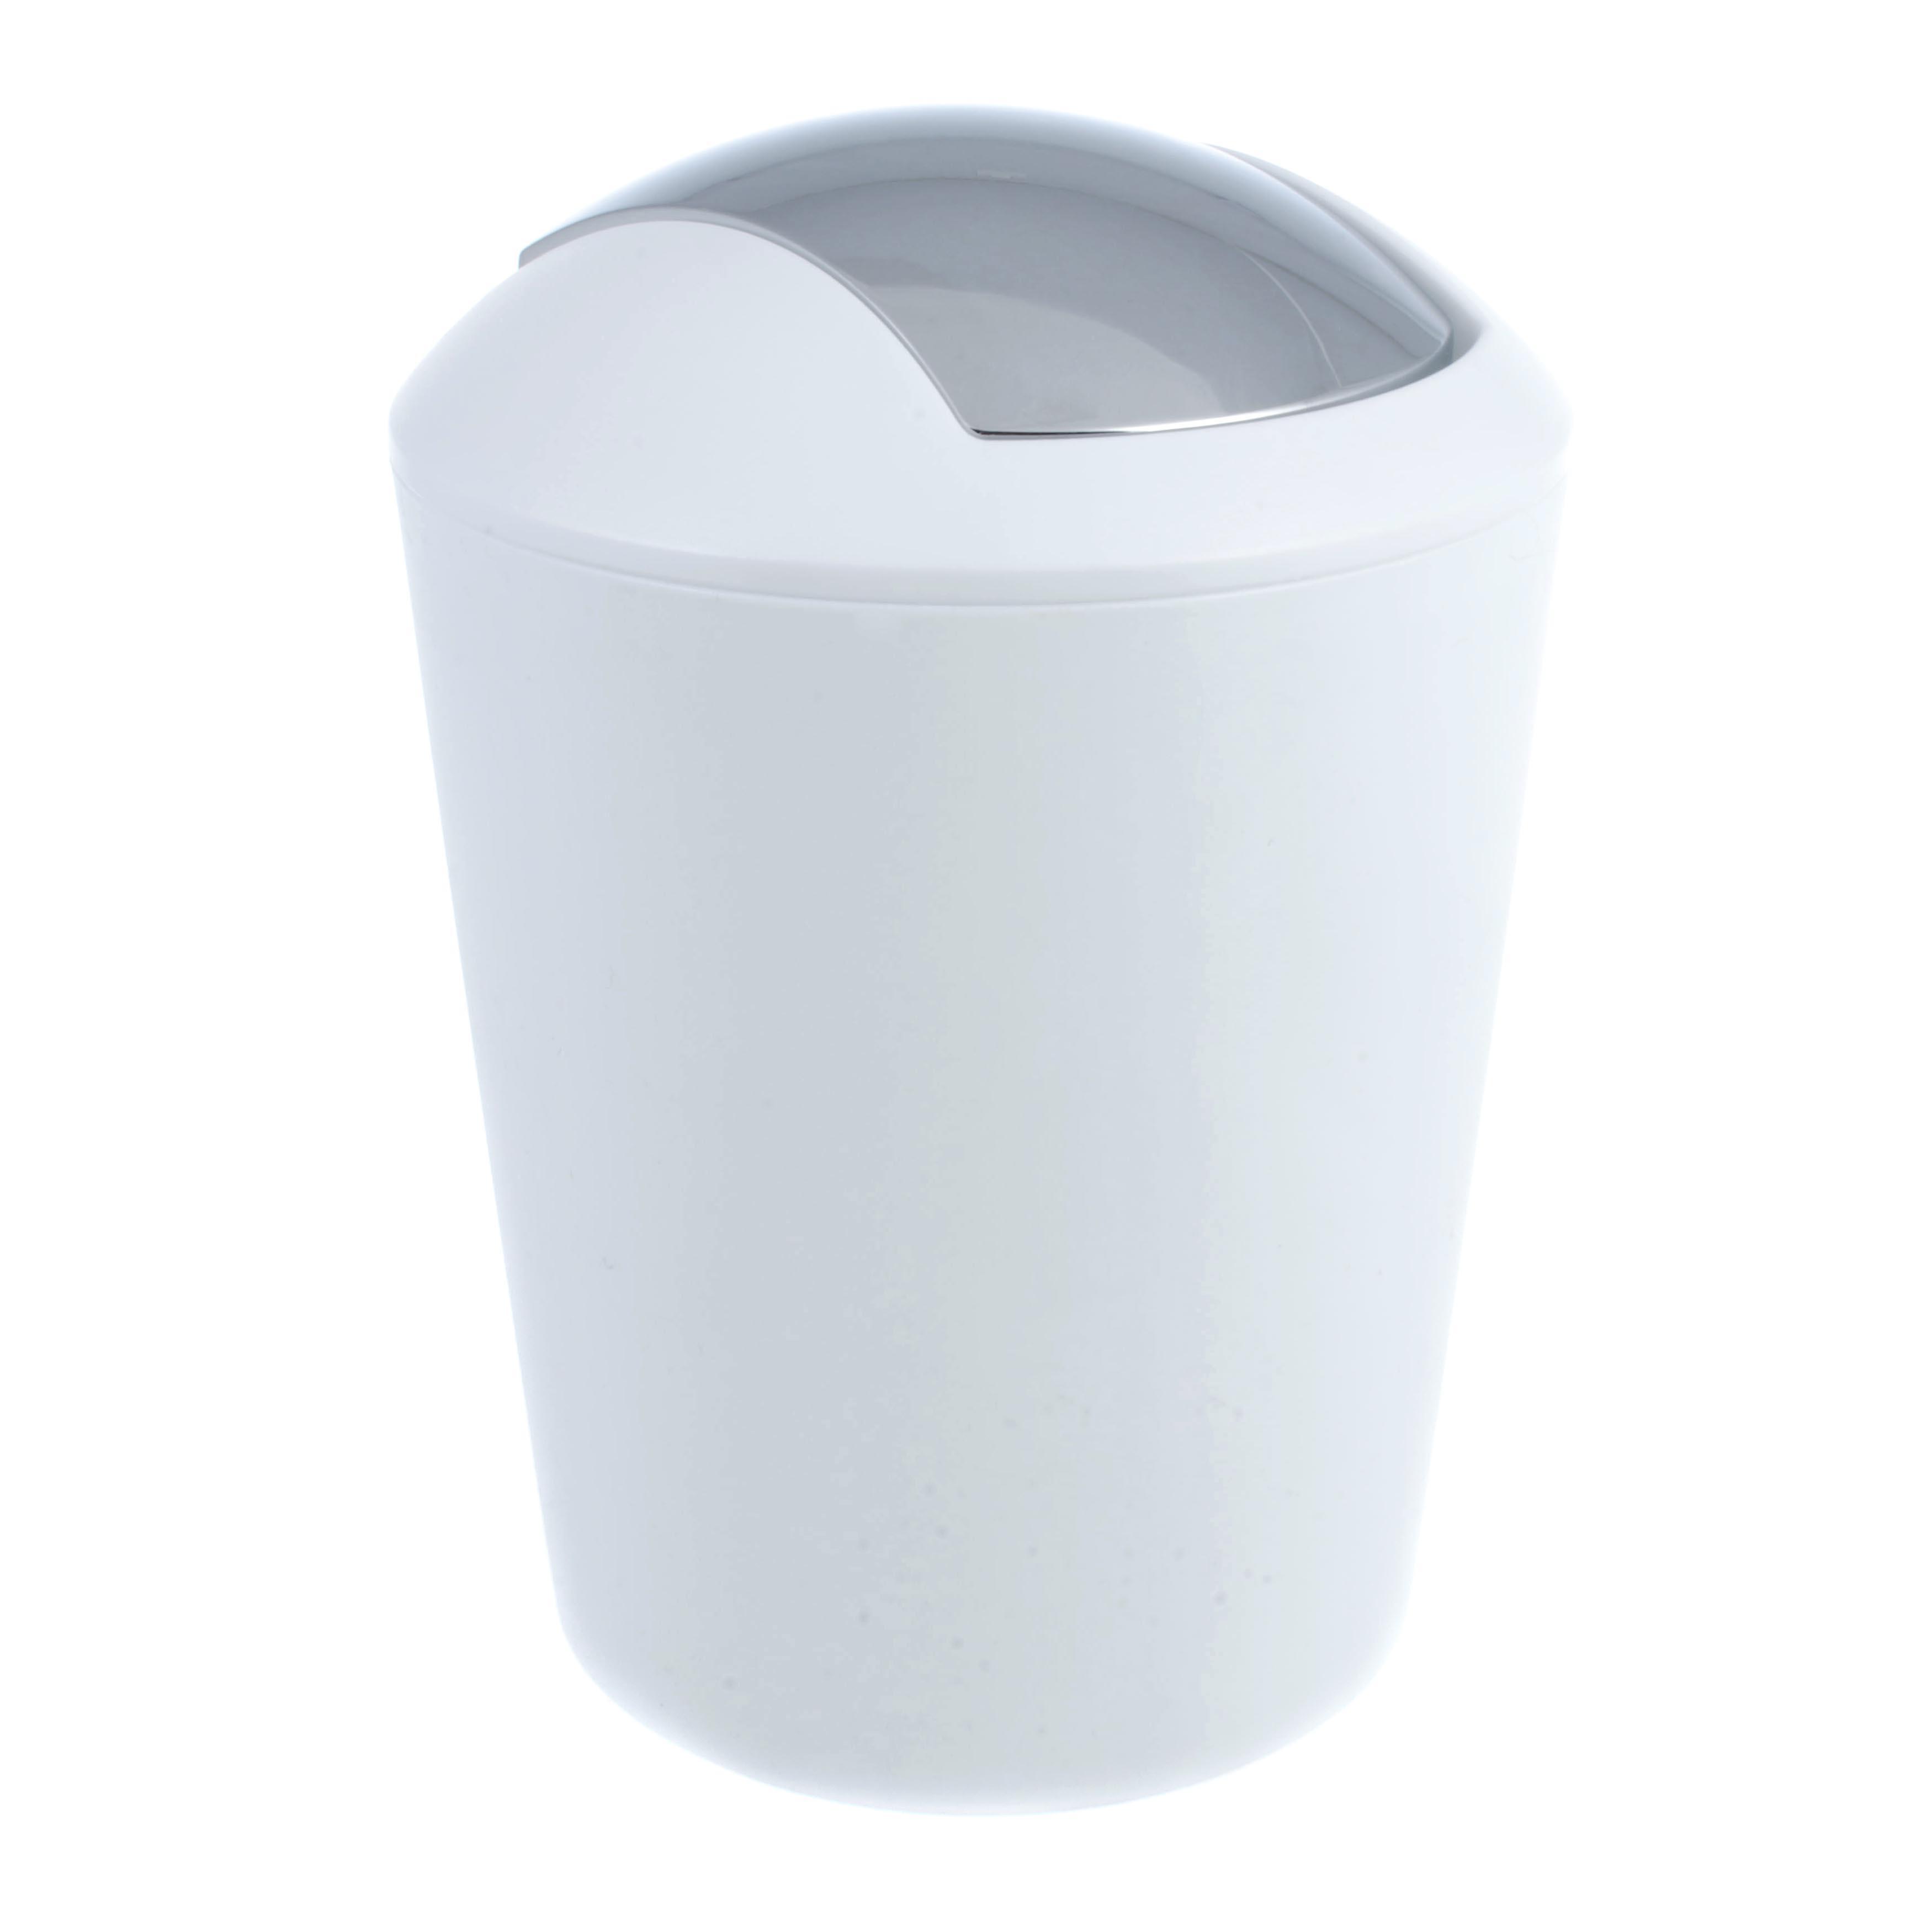 Купить со скидкой Ведро мусорное для ванной marta белое Kela